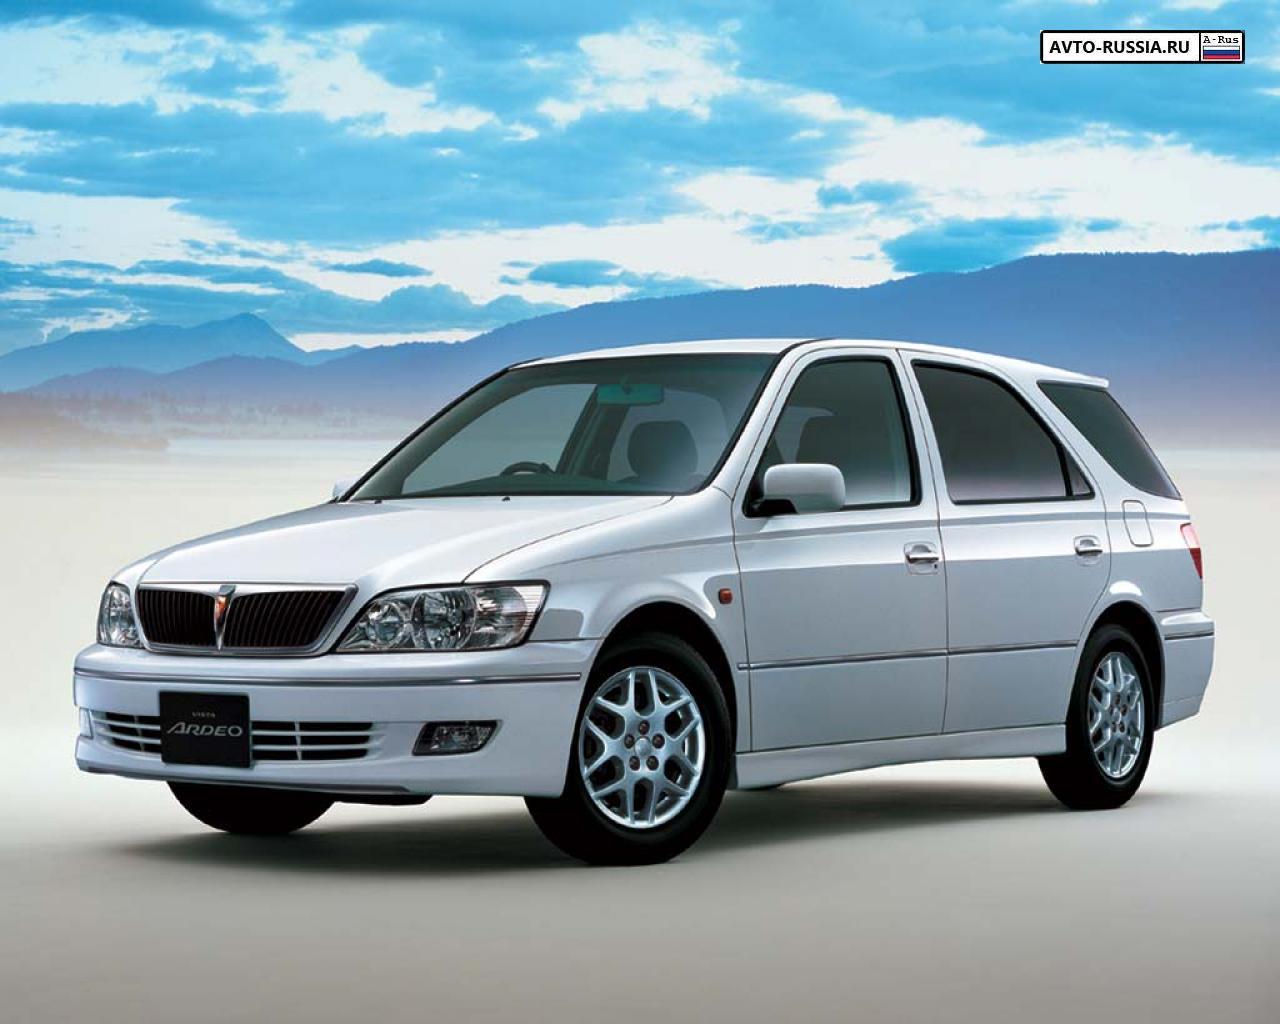 Ремонт Тойота - низкие цены на ремонт Toyota в Москве